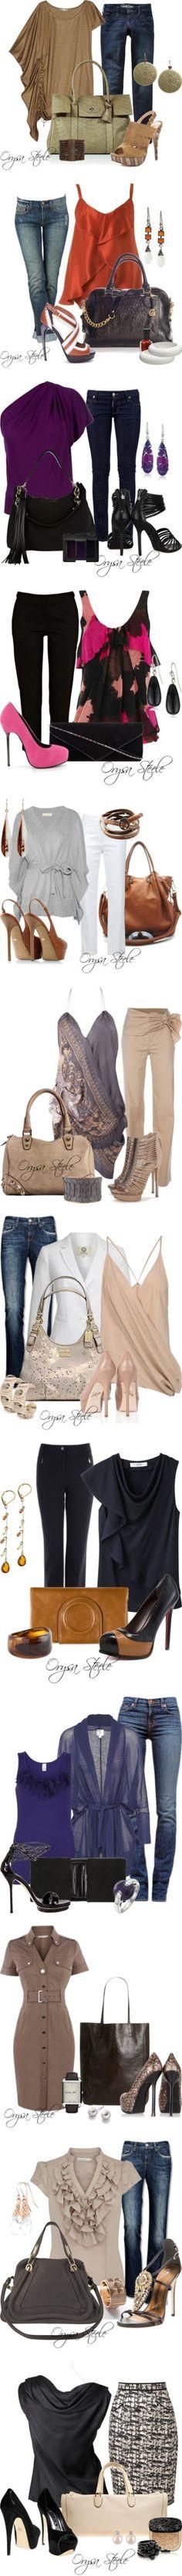 More dream wardrobe